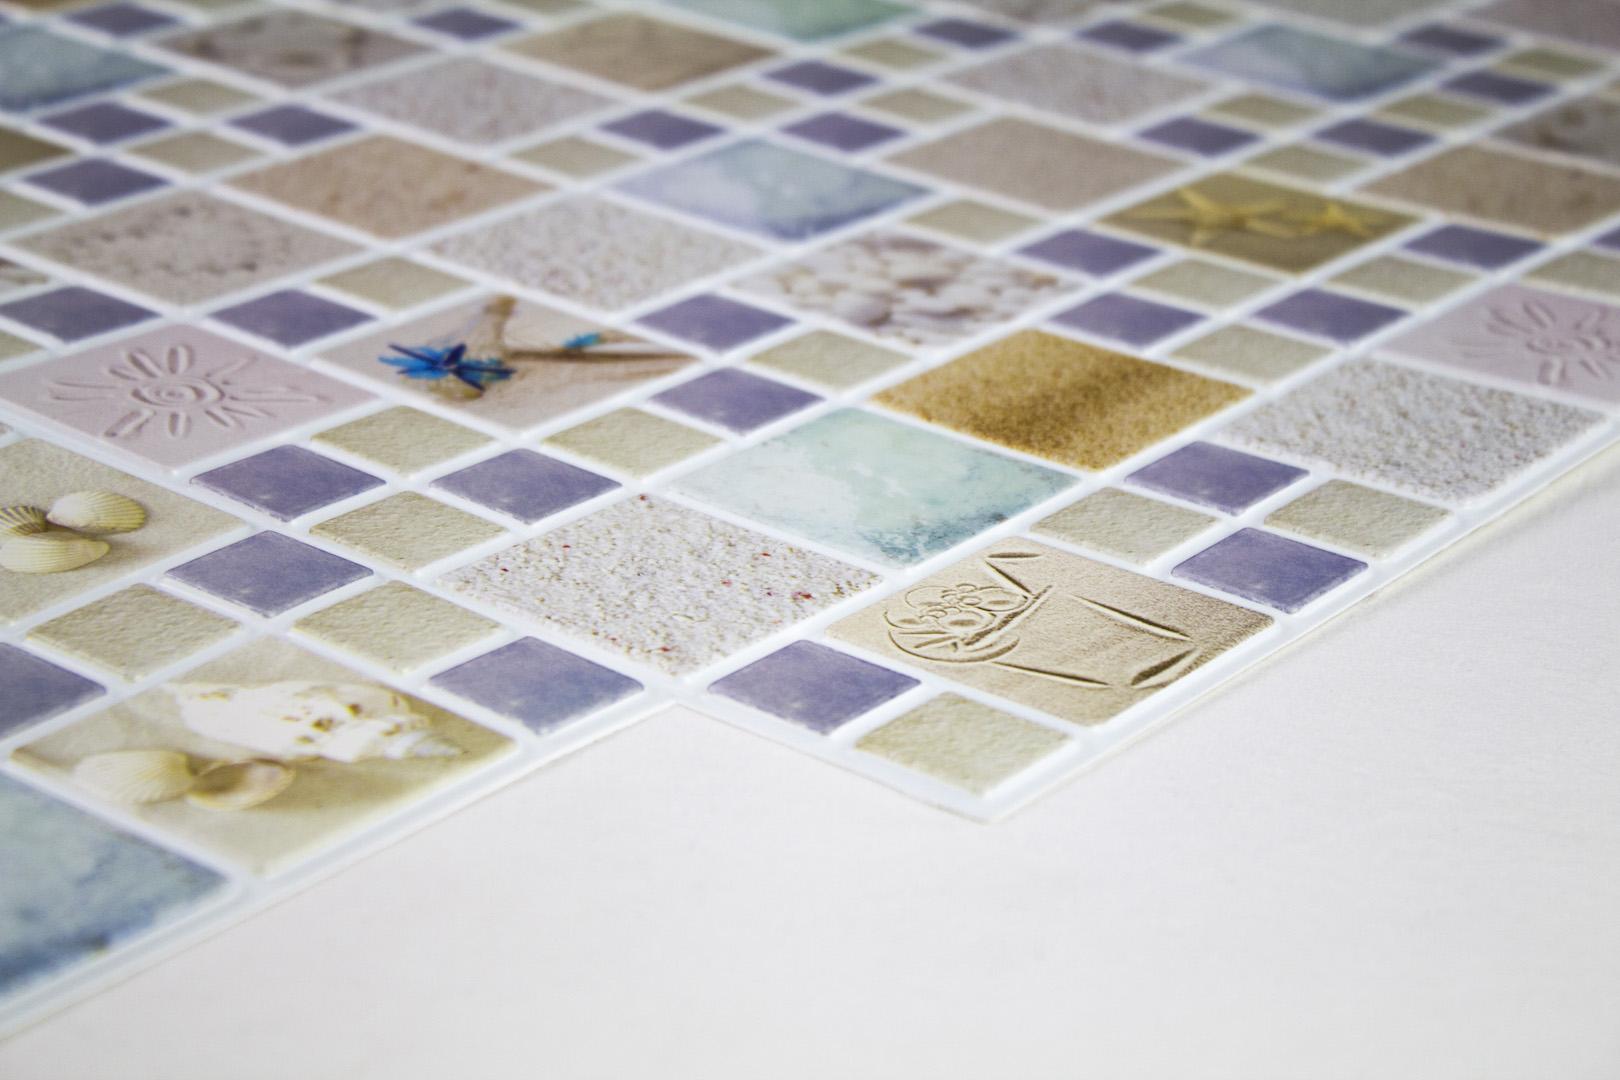 PVC Wandpaneele -  Mosaik Motive, pflegeleichte Platten - RESTPOSTEN!